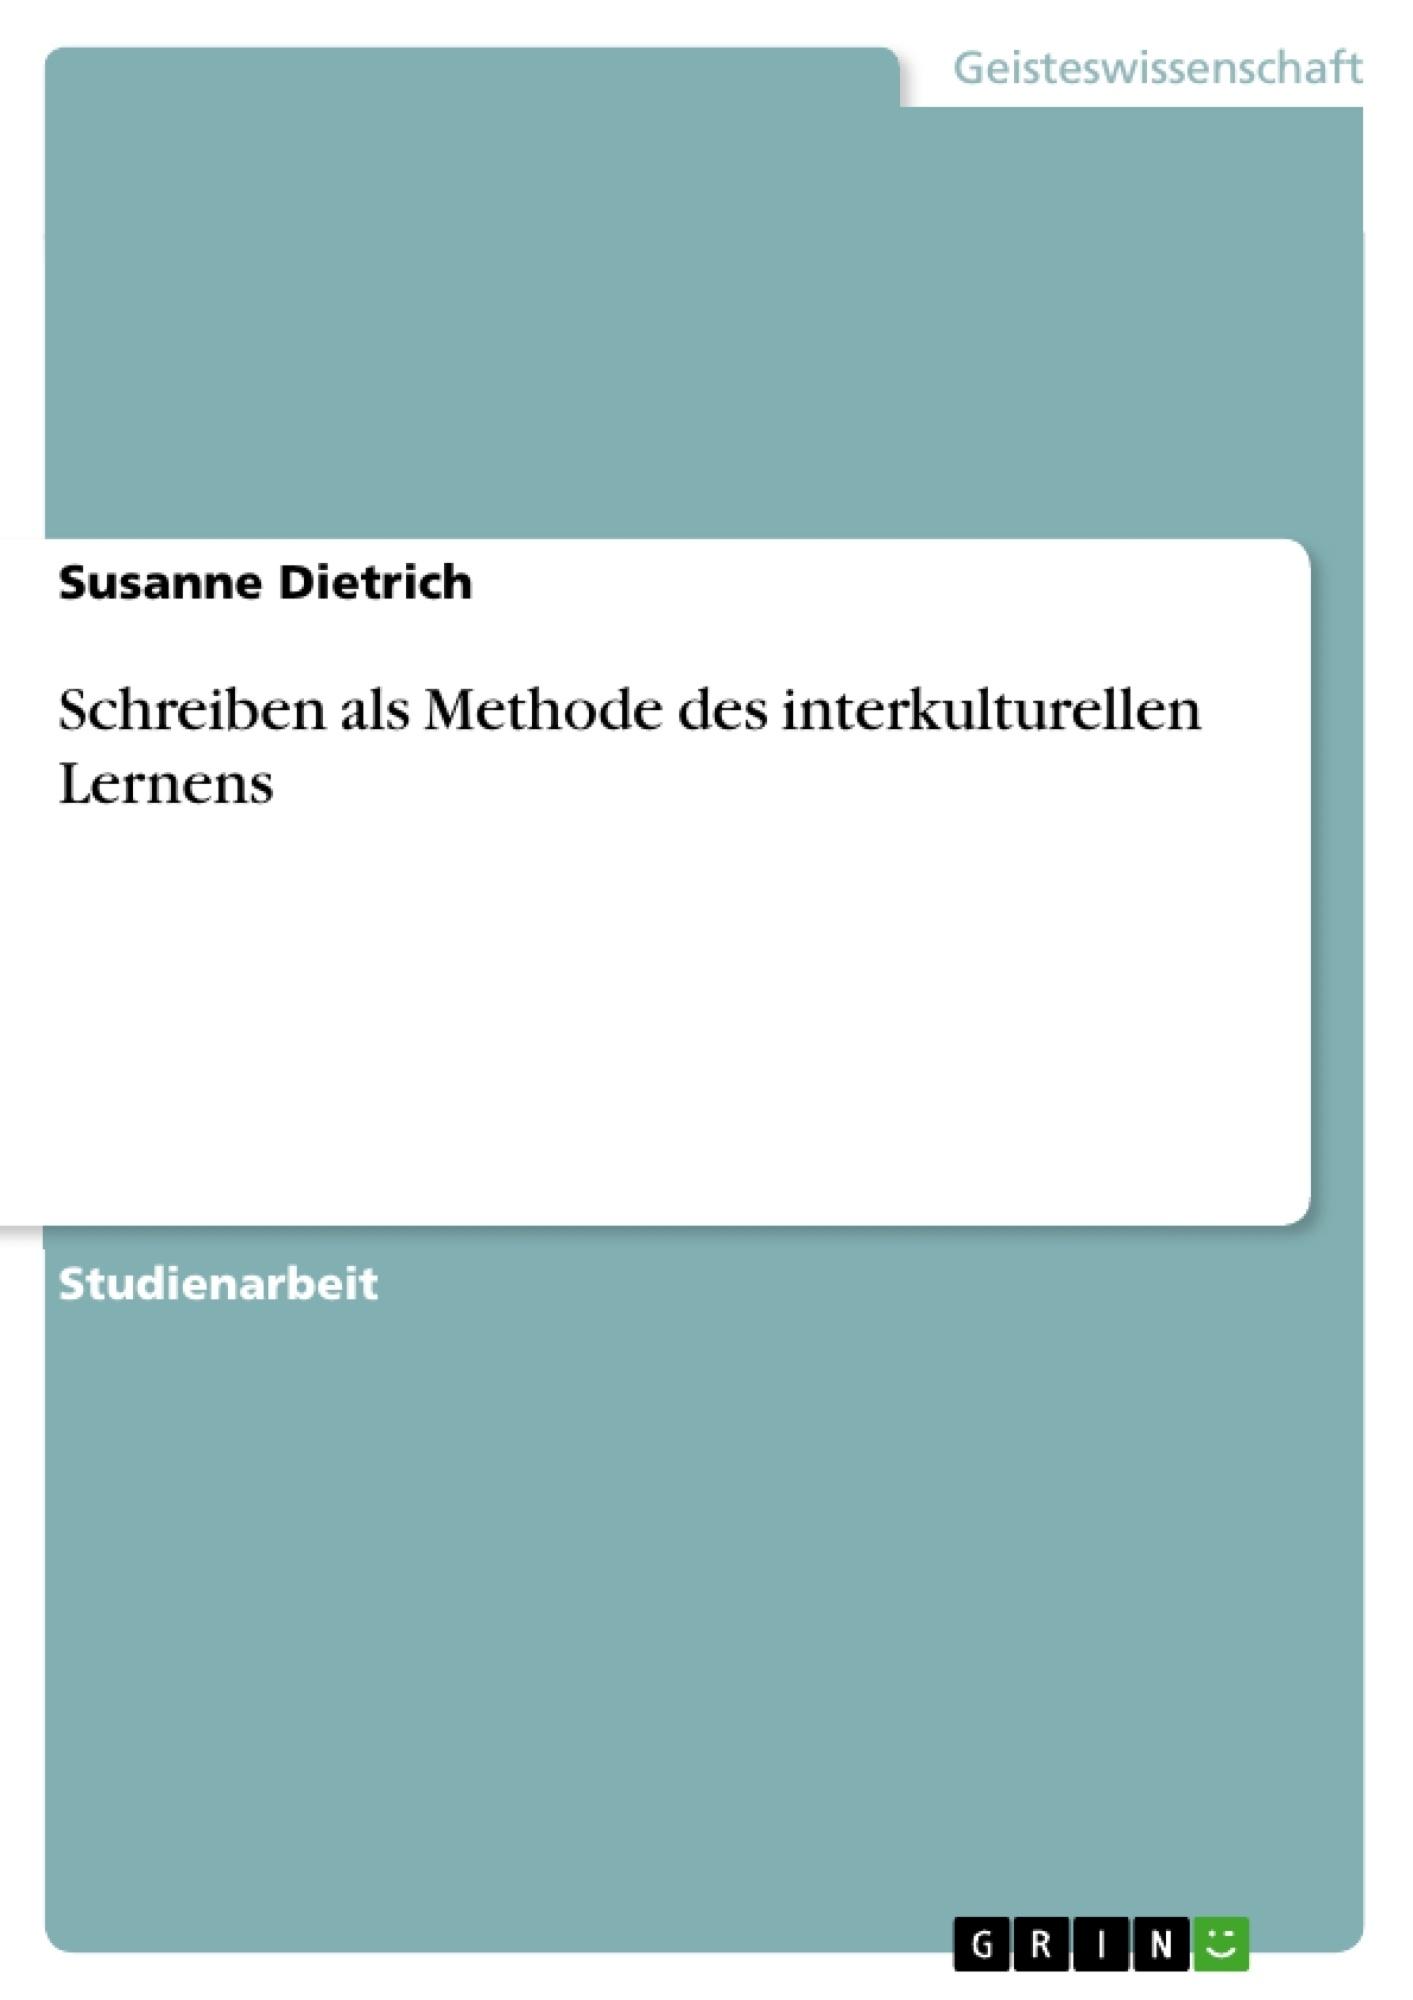 Titel: Schreiben als Methode des interkulturellen Lernens